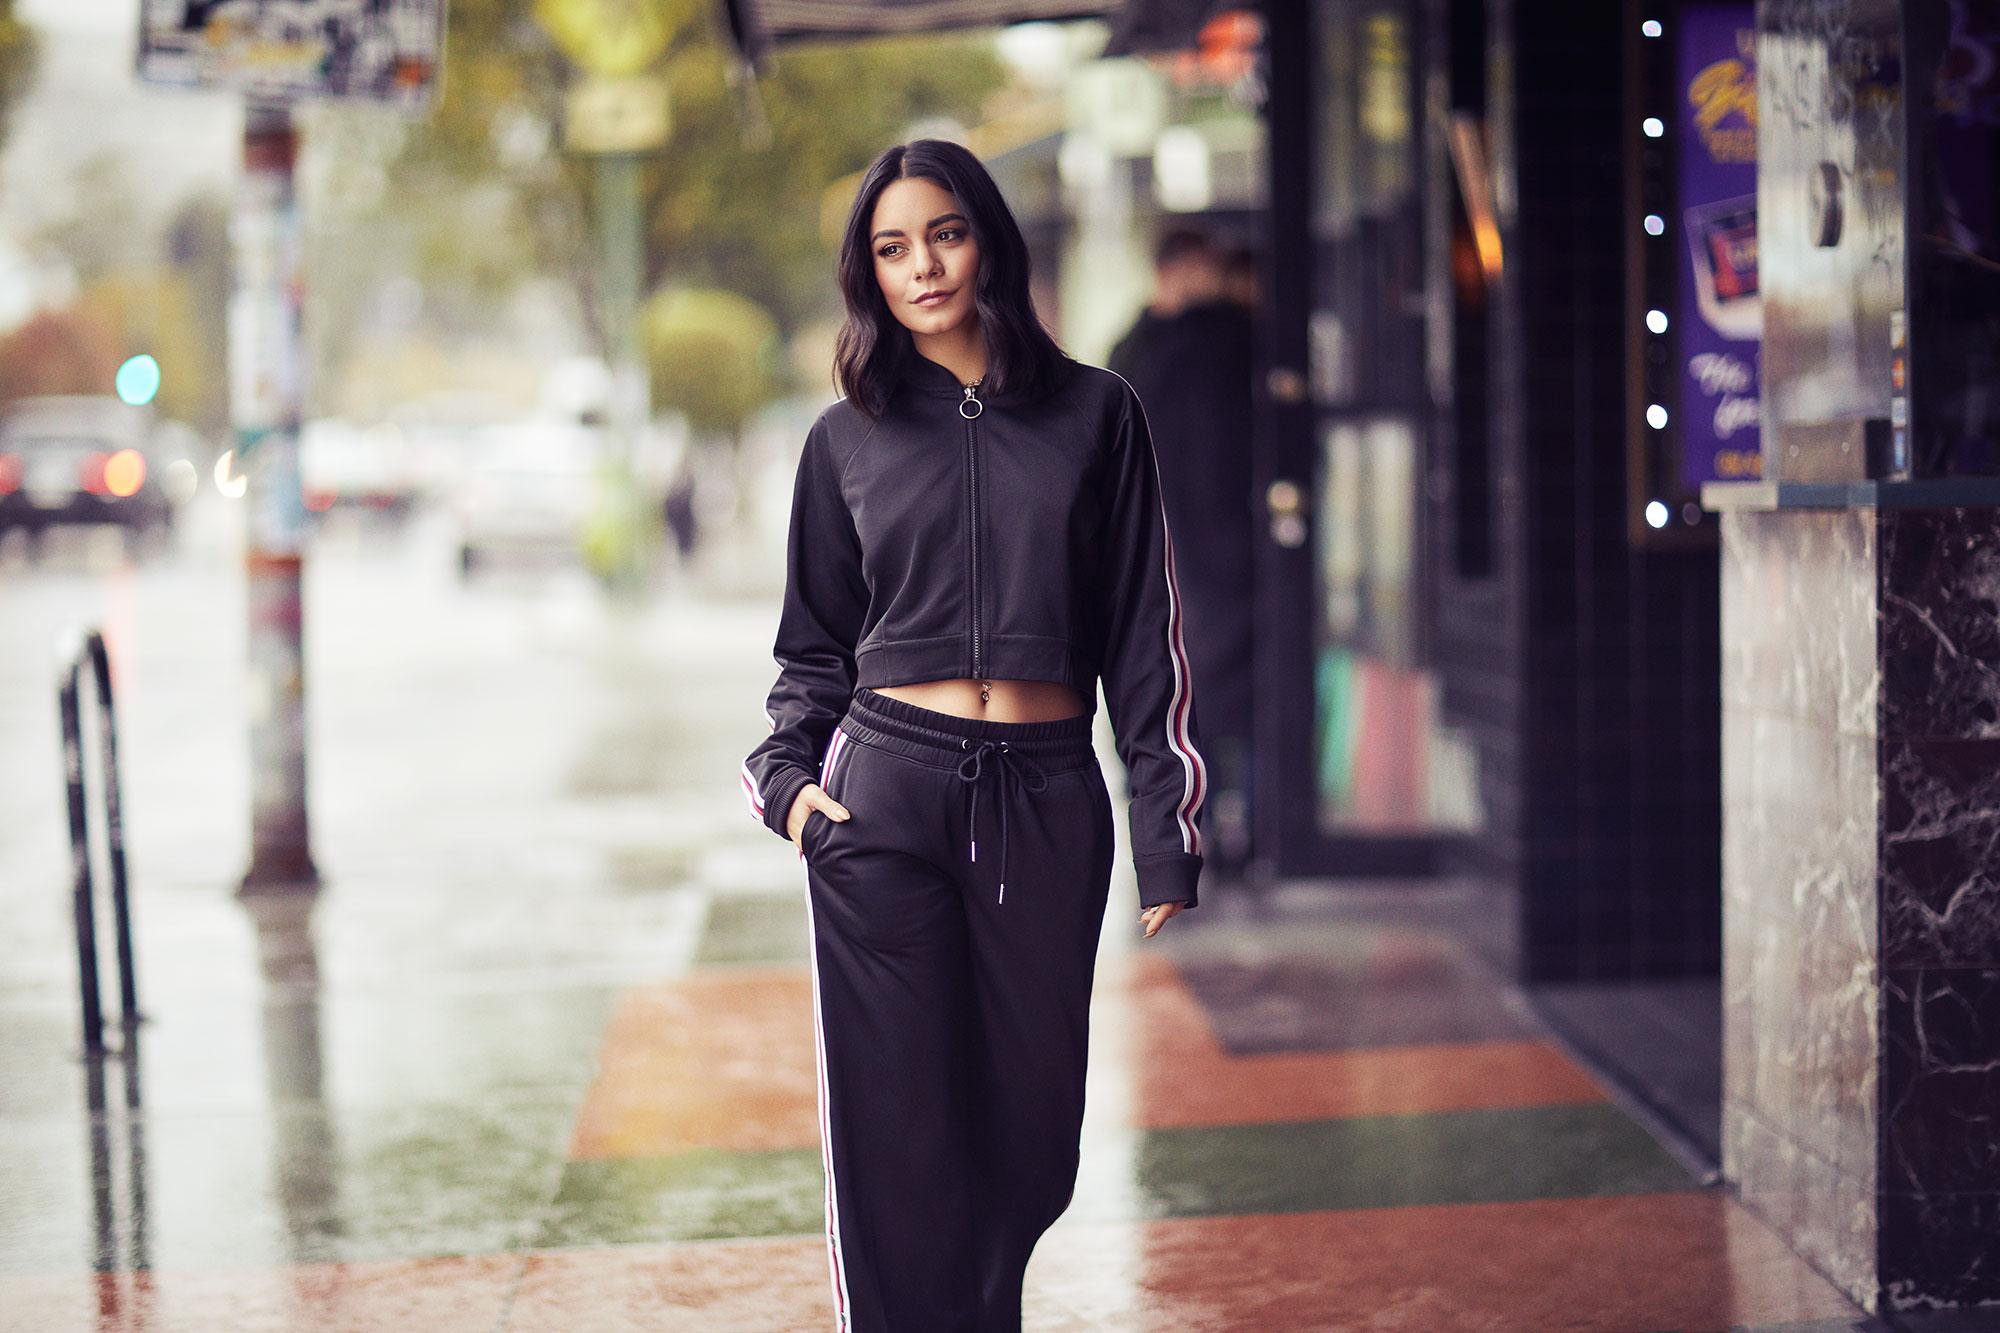 d3f6f655153b Vanessa Hudgens x AVIA Spring 2019 Activewear Campaign: Pics